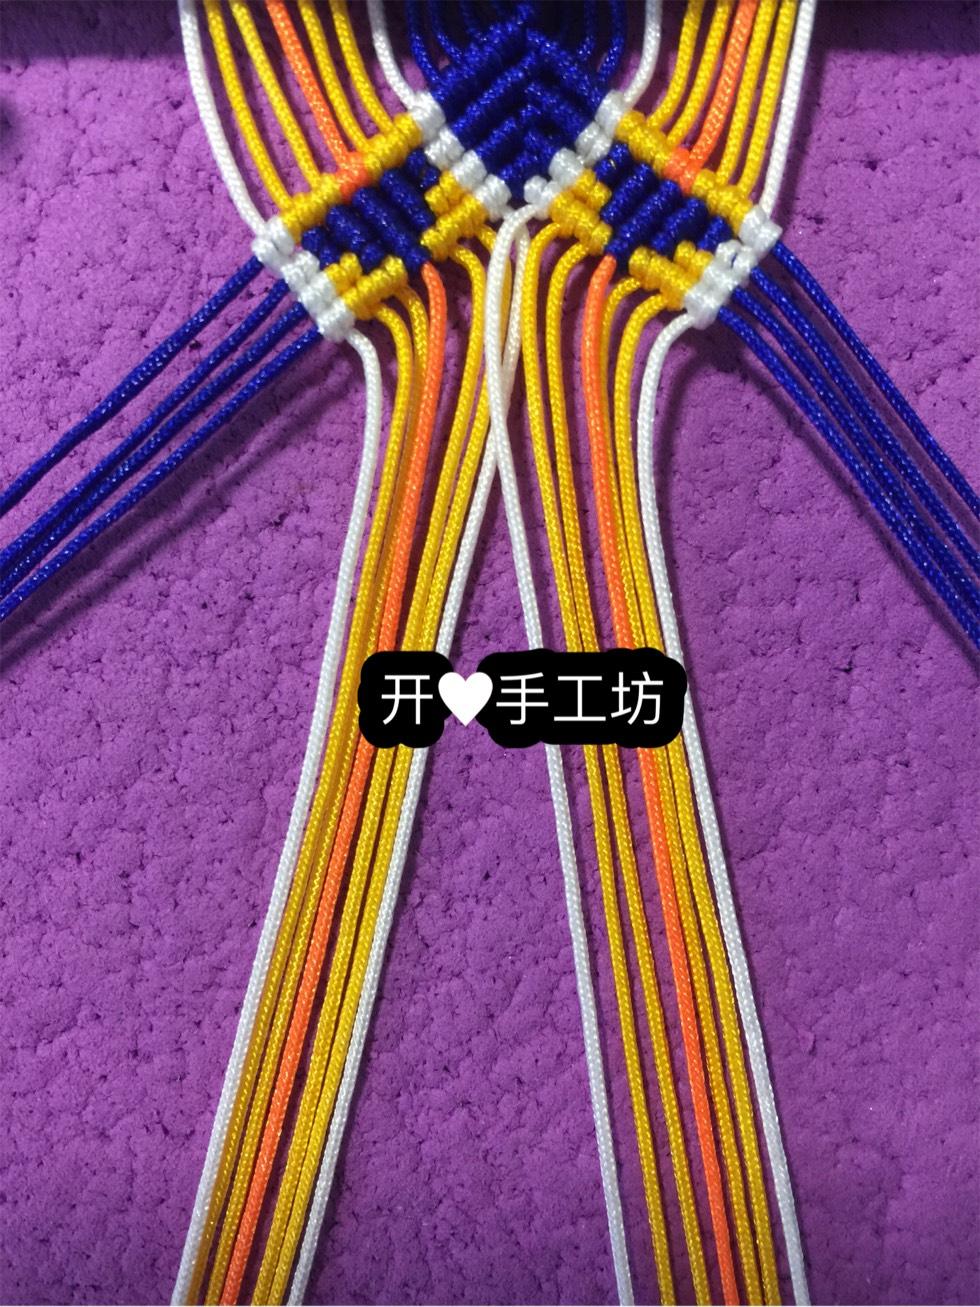 中国结论坛 八芒星  图文教程区 180102g83yyug82a2838ug